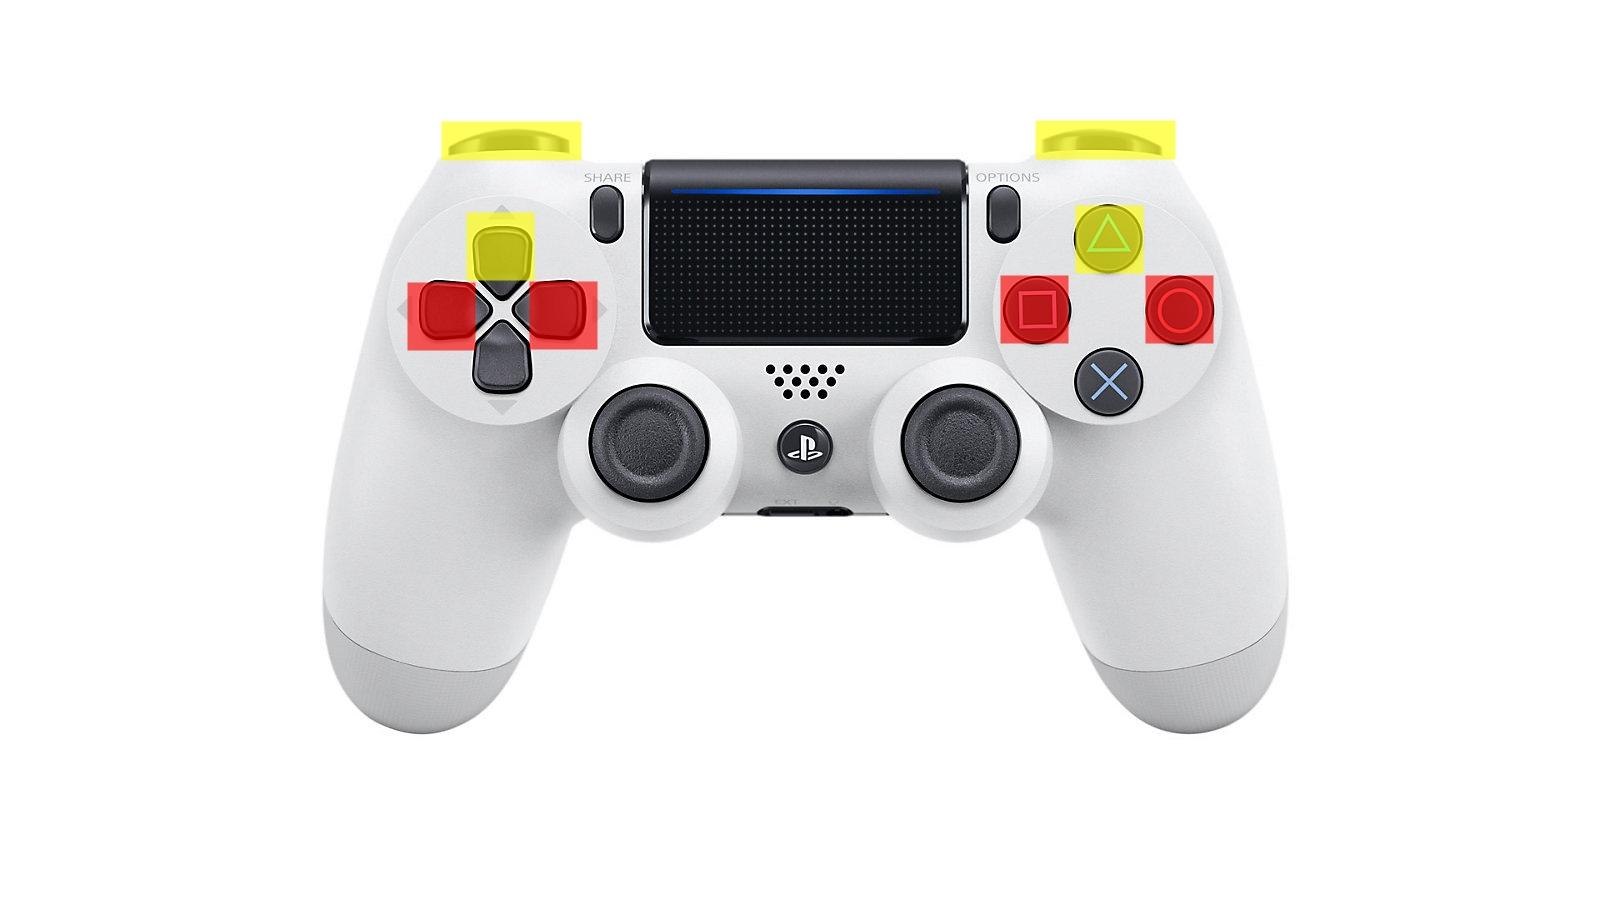 使用するコントローラーのボタン